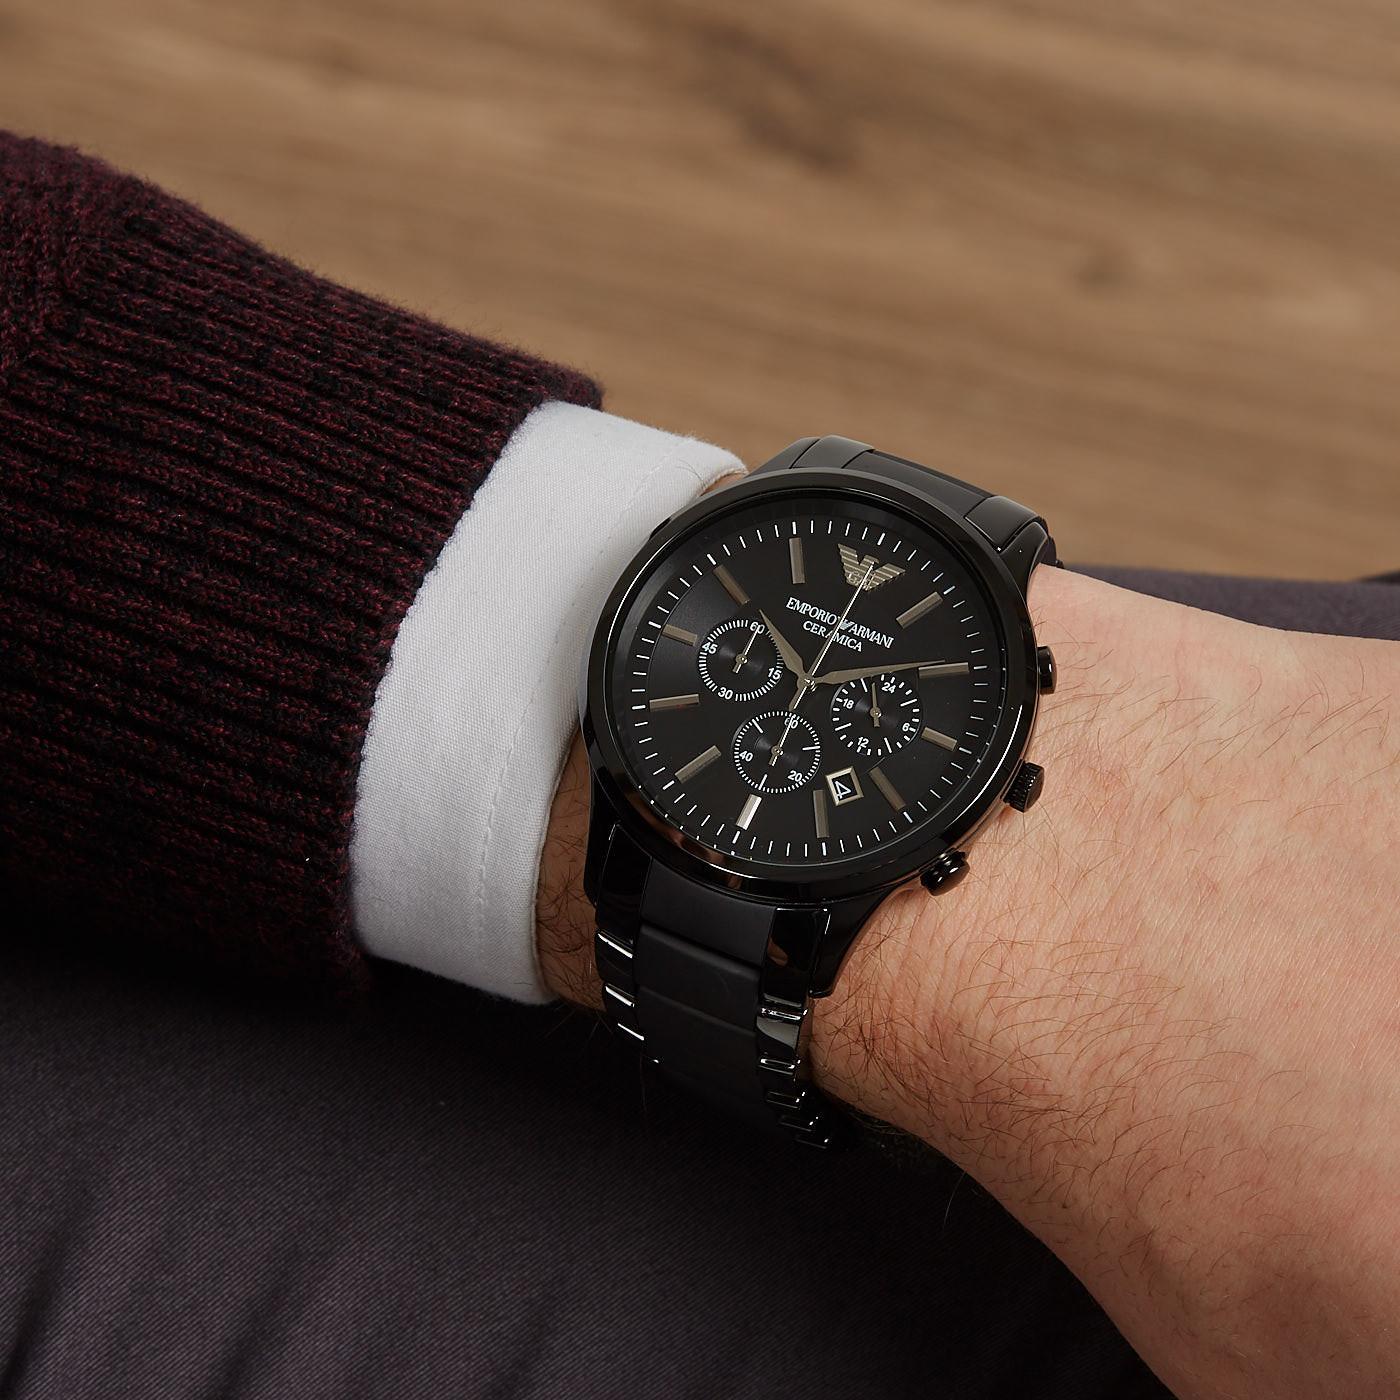 dc4fe1f9bfa9 Emporio Armani reloj AR1451 - Relojes